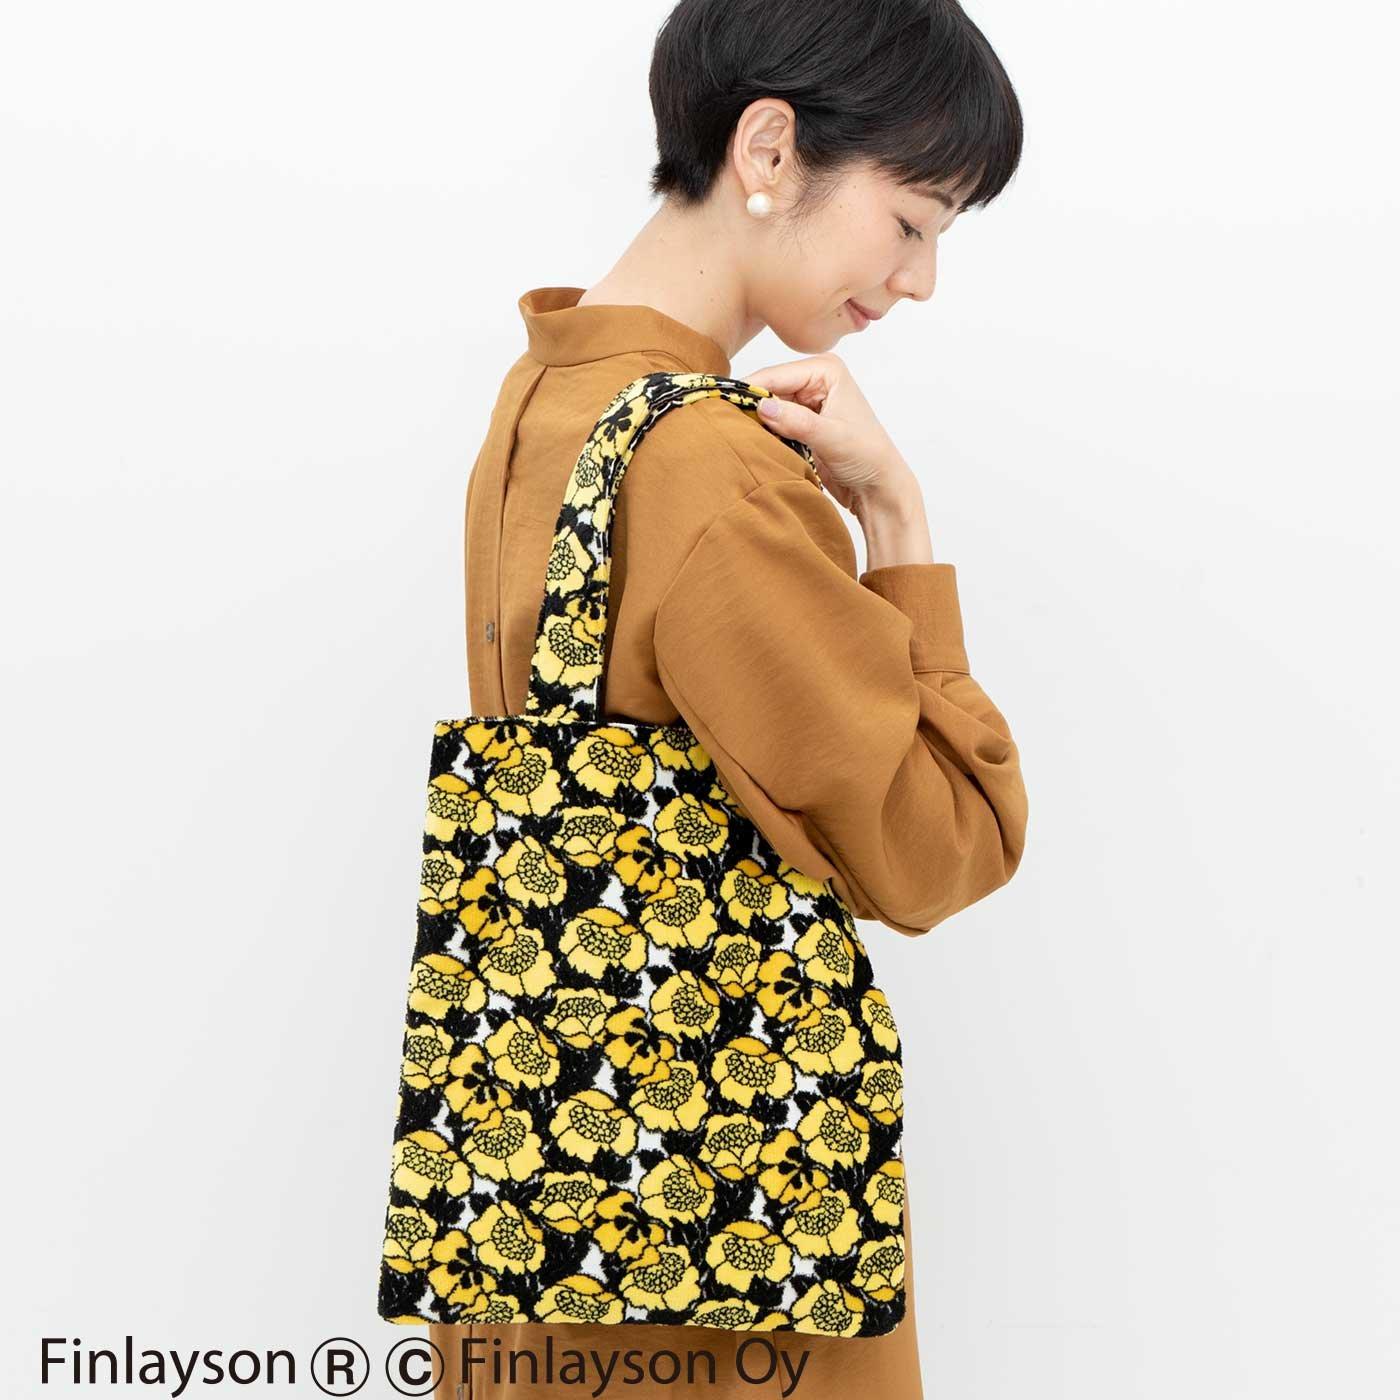 Kraso×フィンレイソン 金華山パイルジャカードの華やか立体織りトートバッグ〈ANNUKKA〉